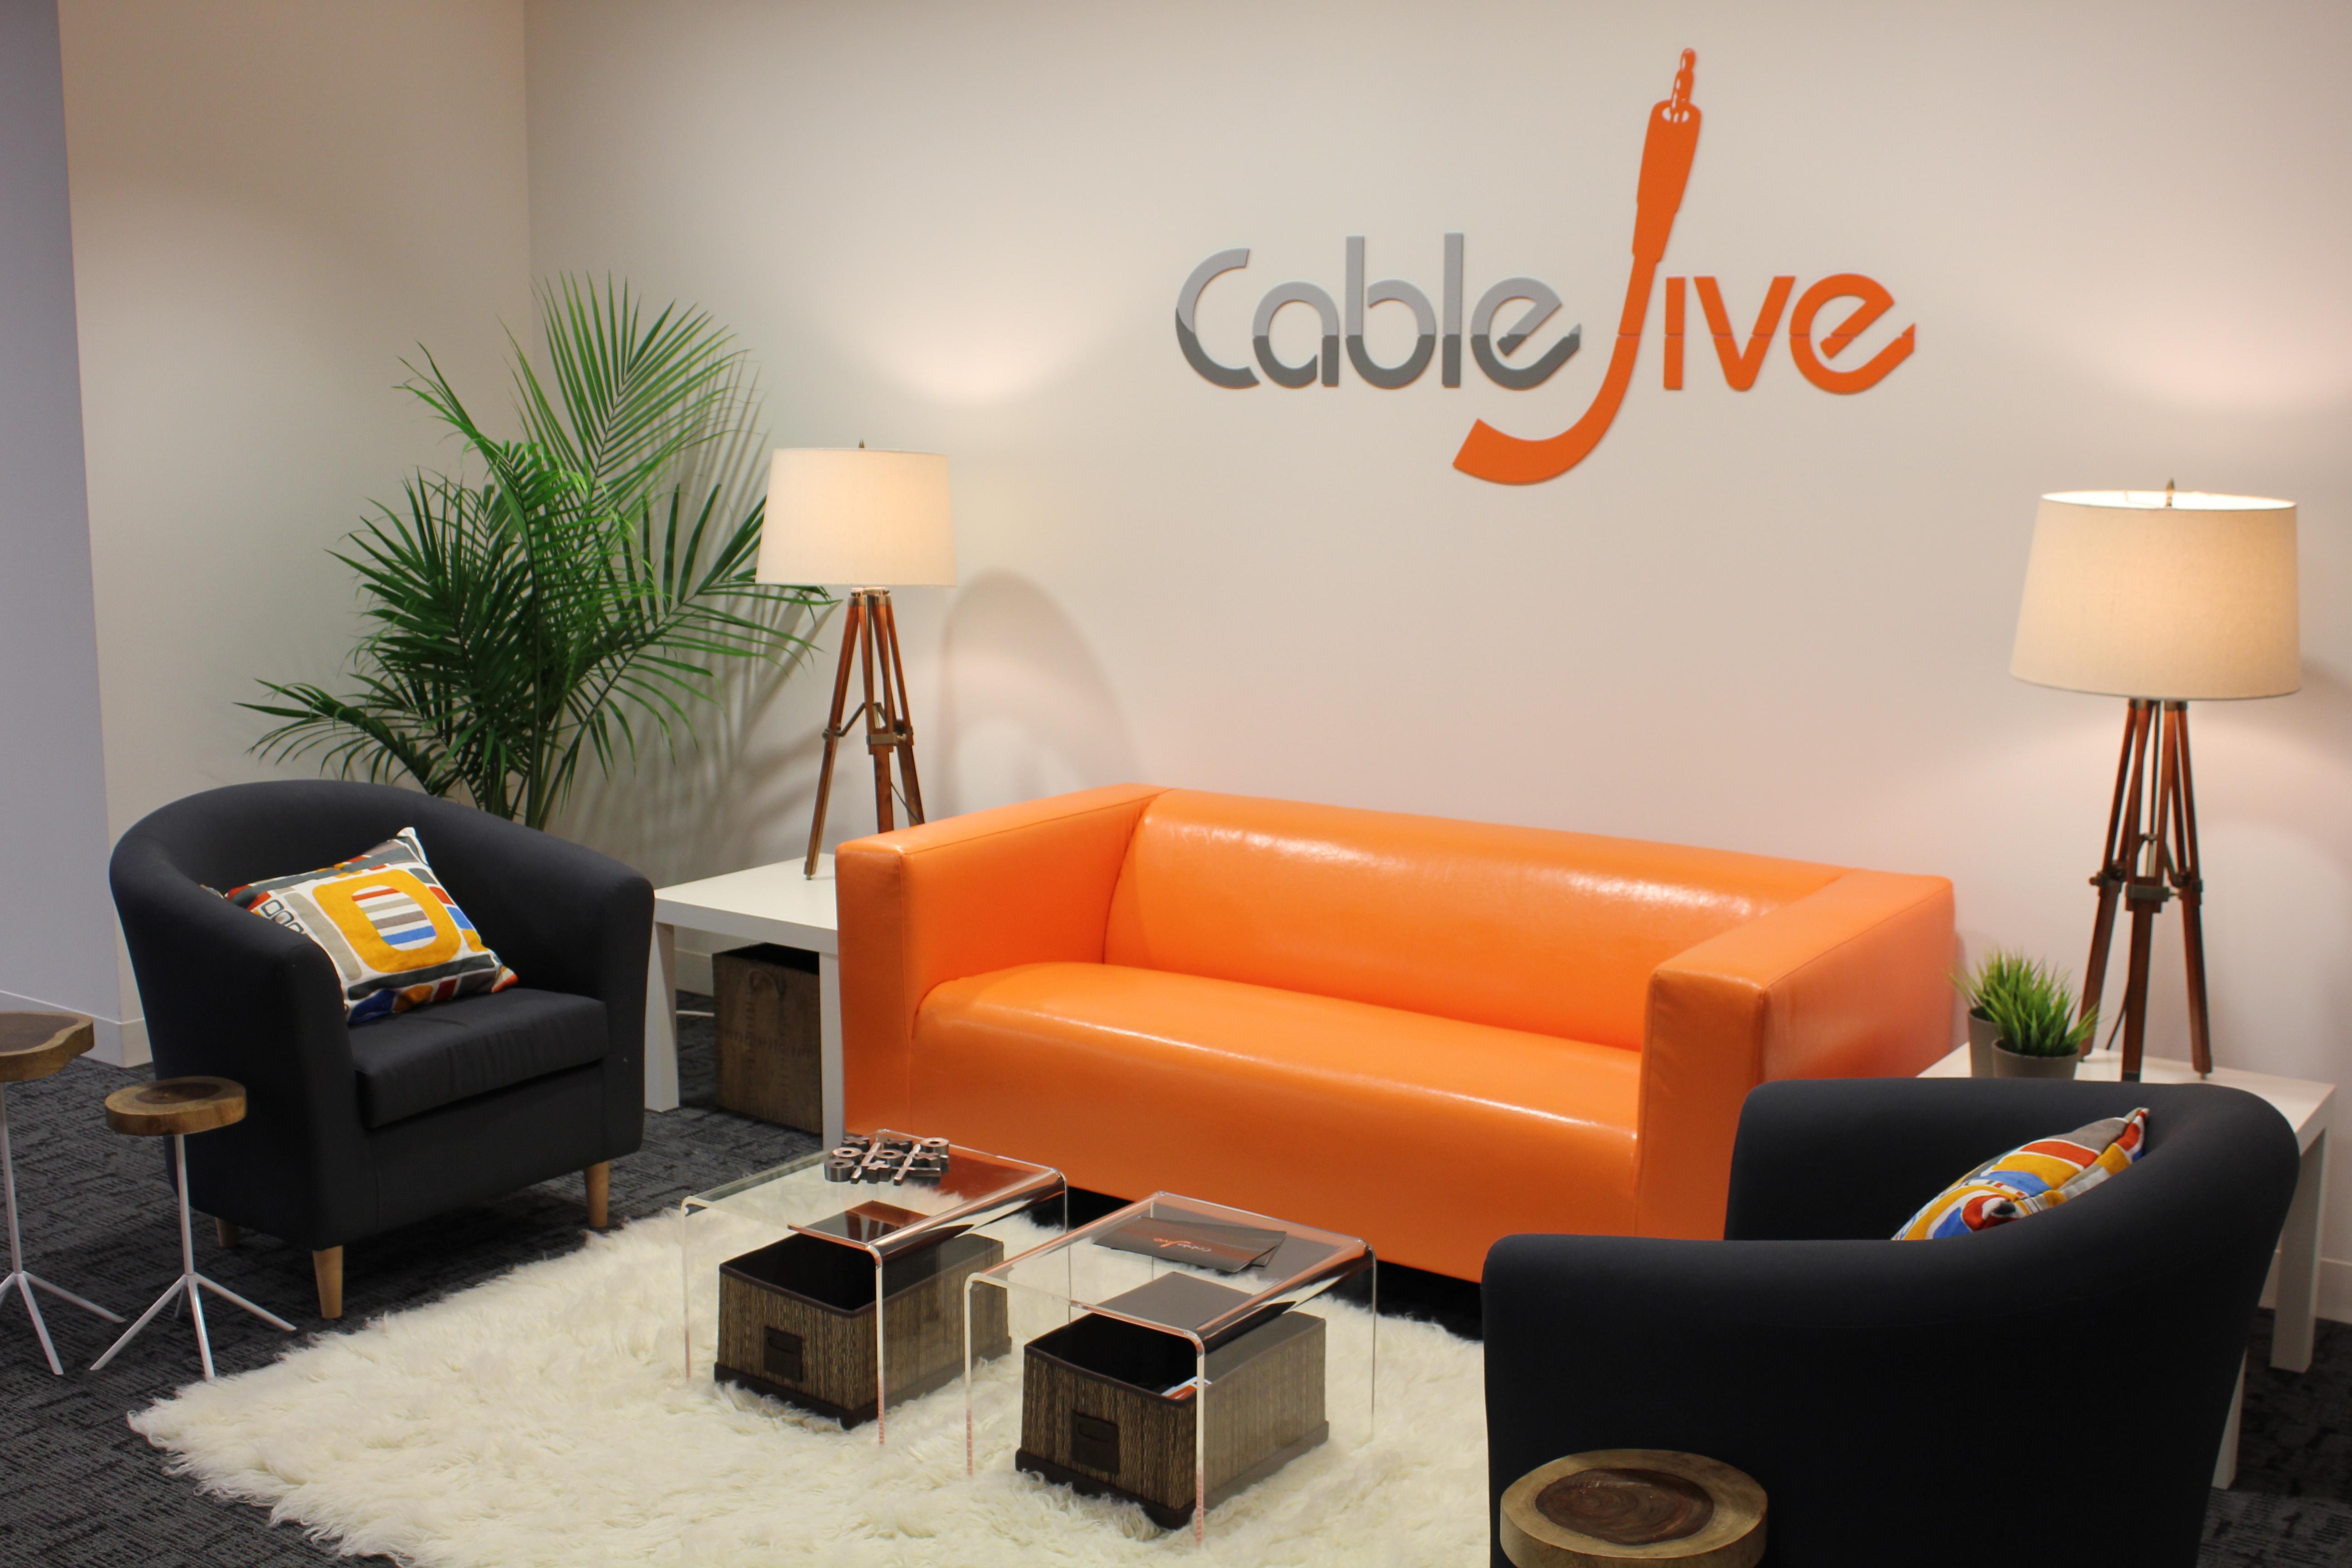 cablejive   CableJive Blog